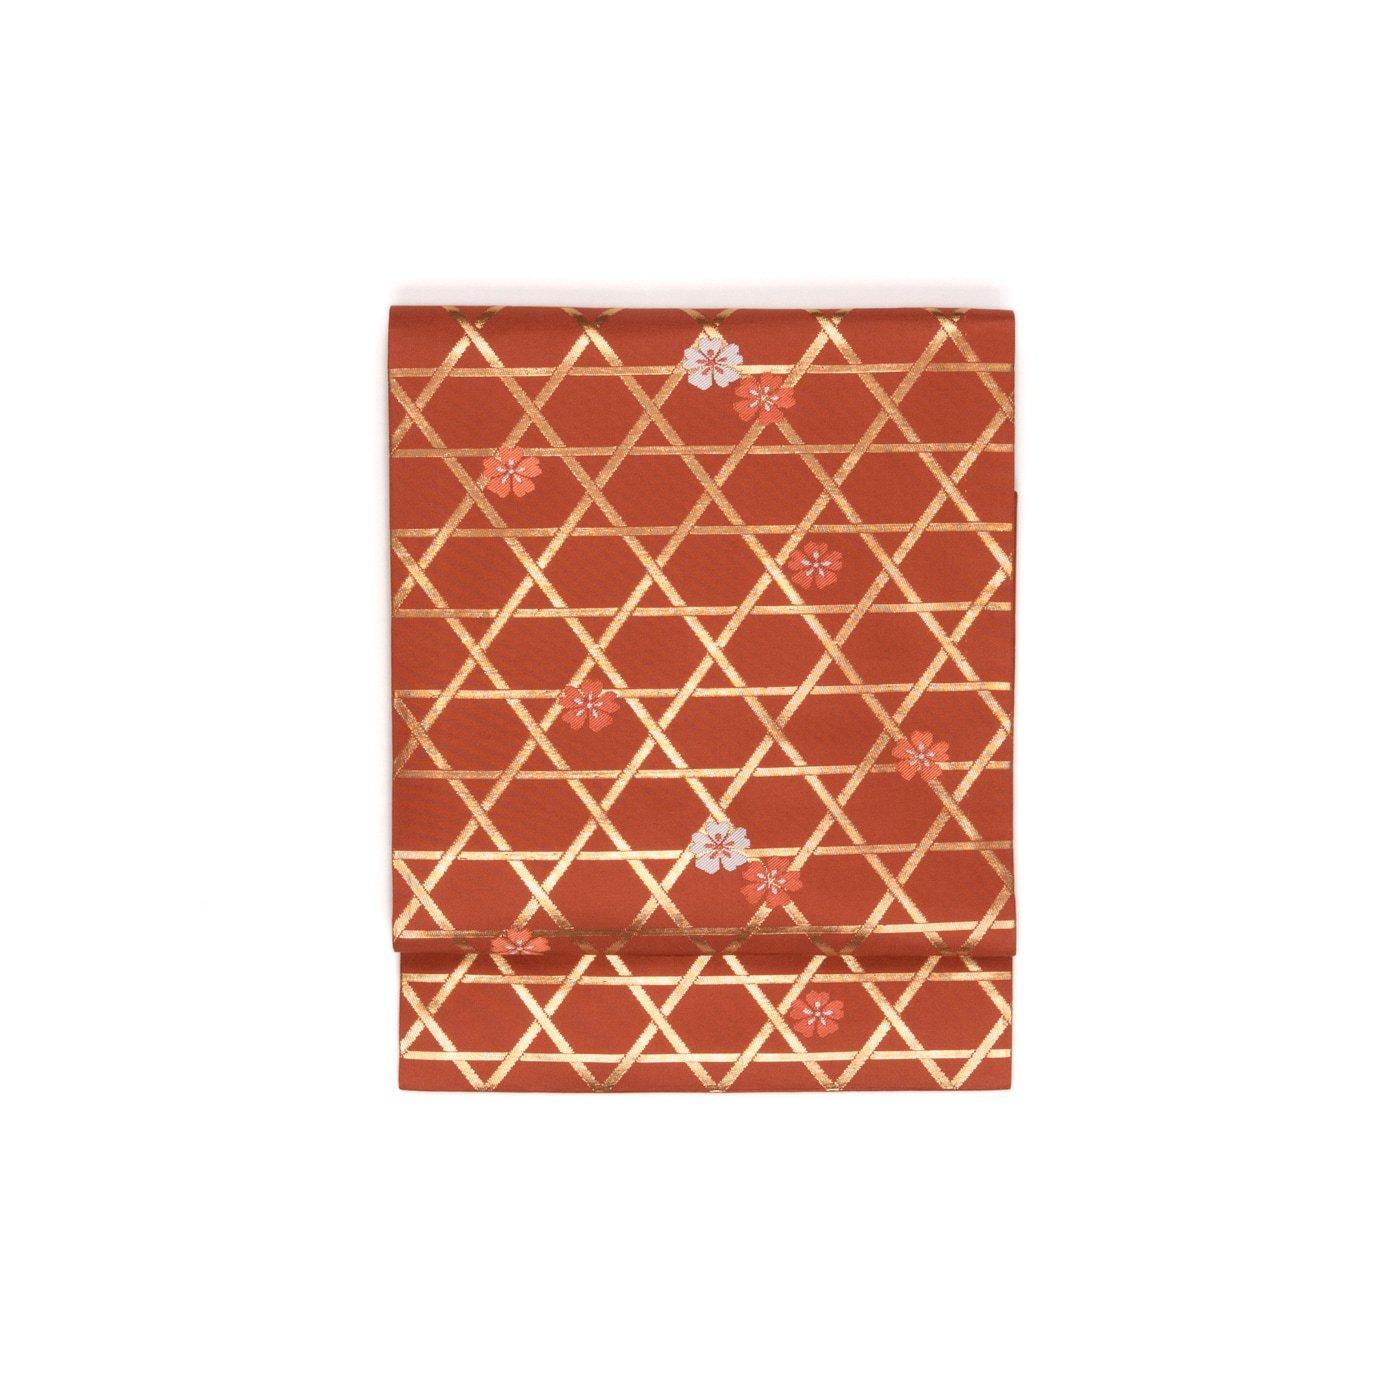 「金の籠目に桜散らし」の商品画像